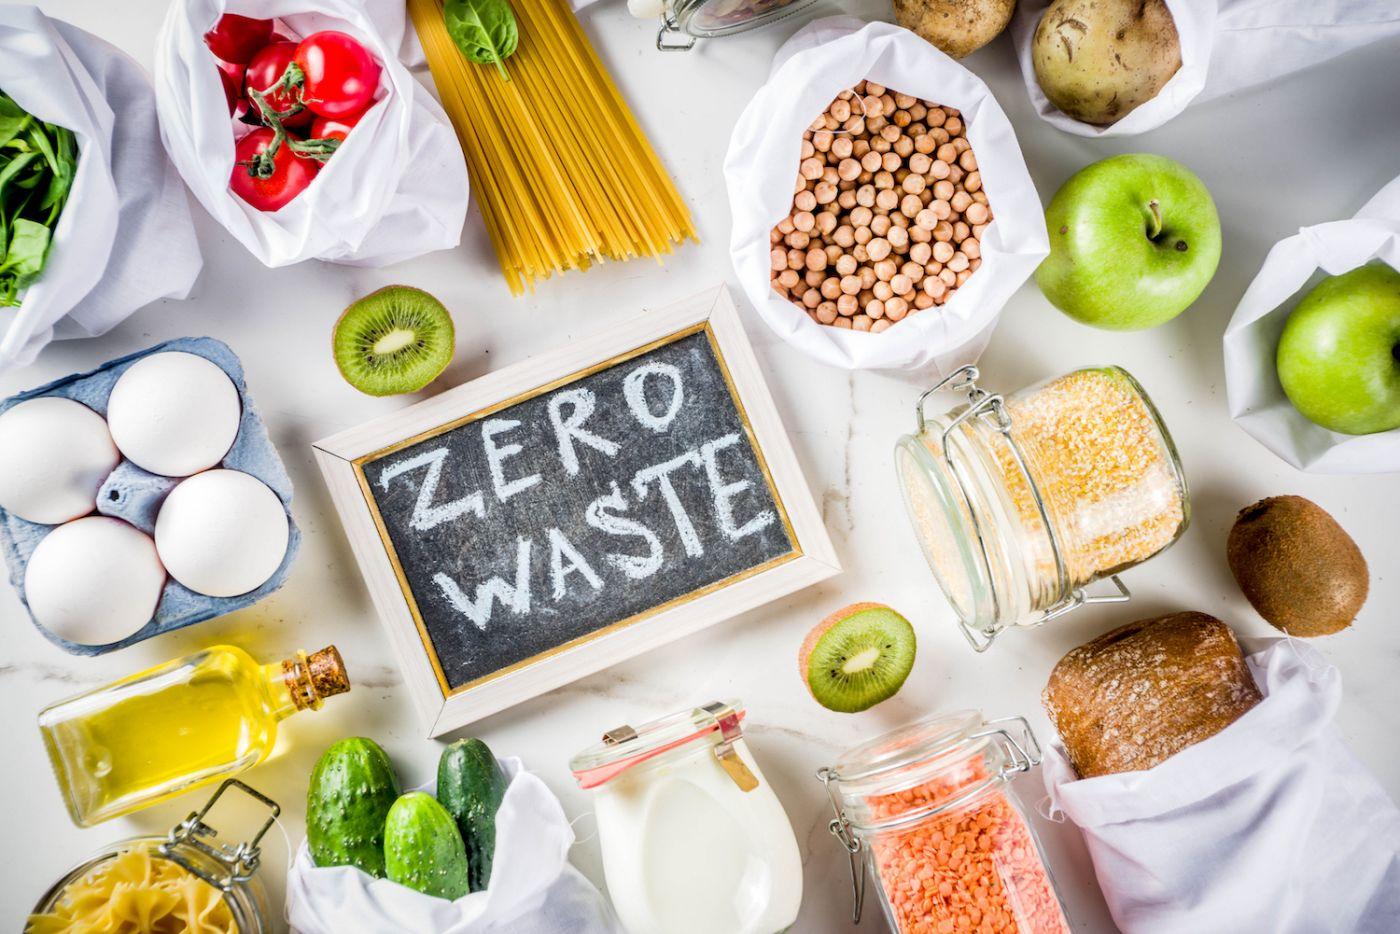 Food Waste, Lebensmittelverschwendung, Food Waste vermeiden